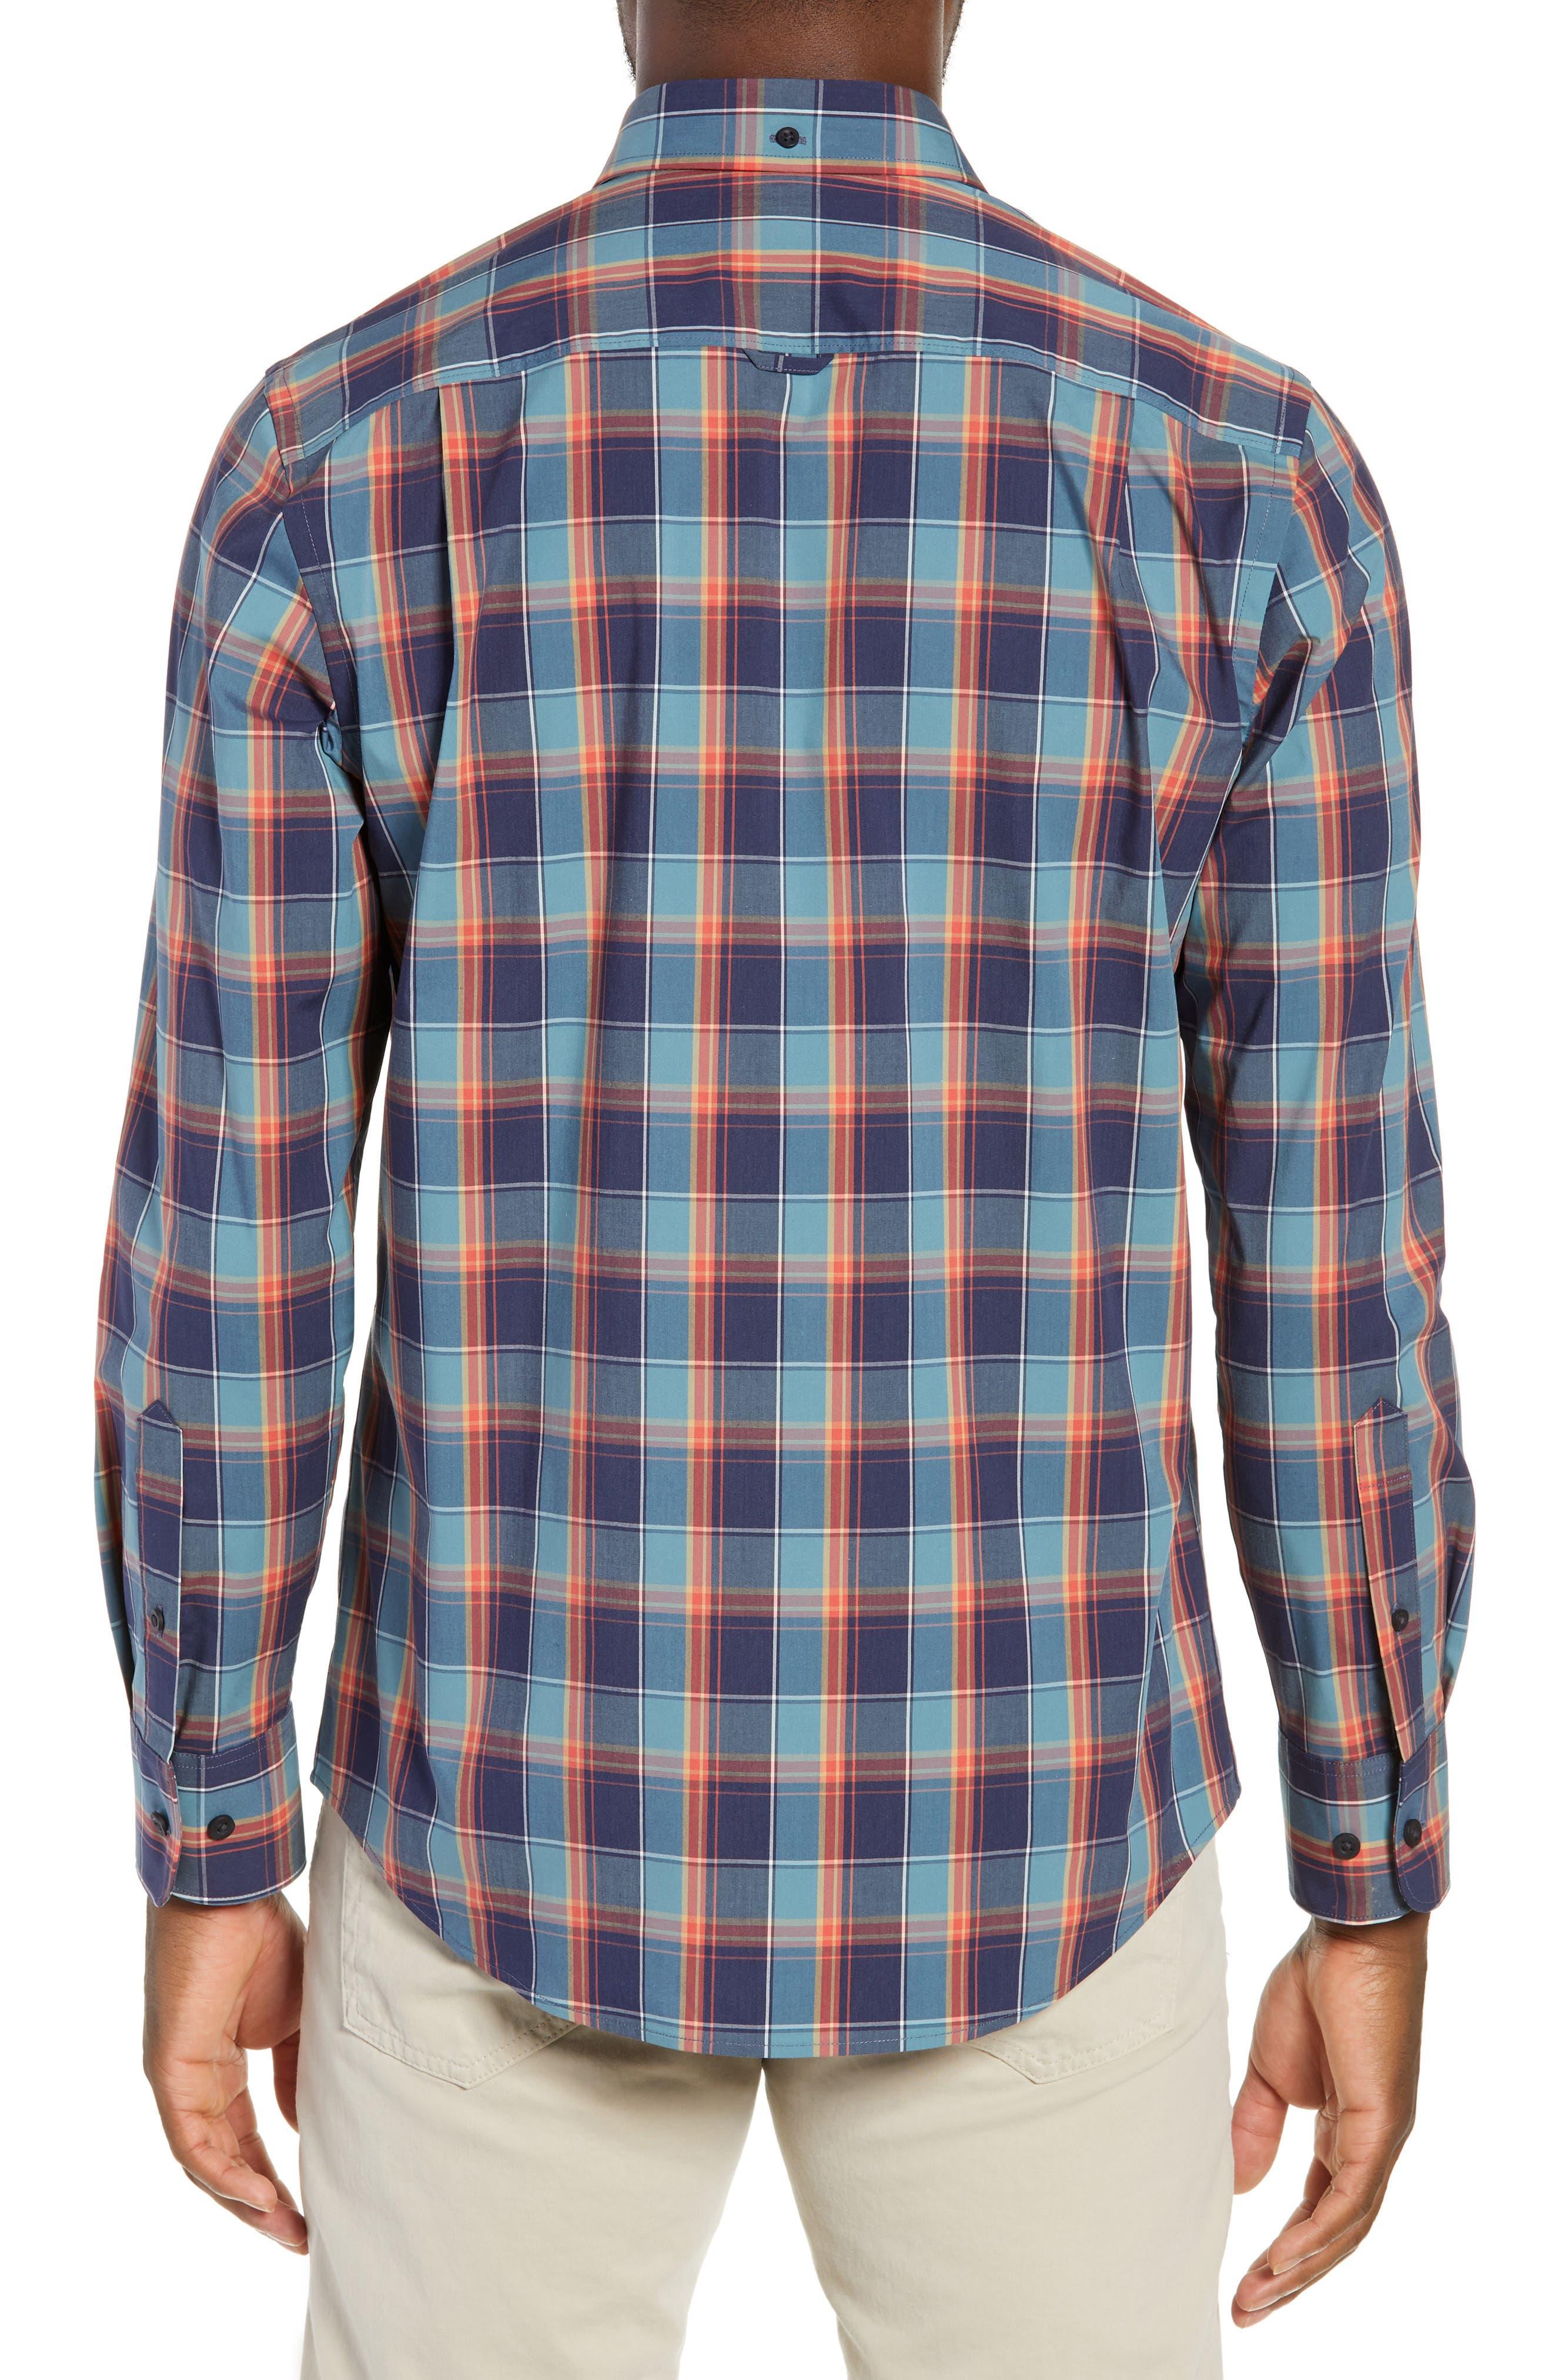 Tech-Smart Regular Fit Plaid Sport Shirt,                             Alternate thumbnail 3, color,                             NAVY CORAL PLAID